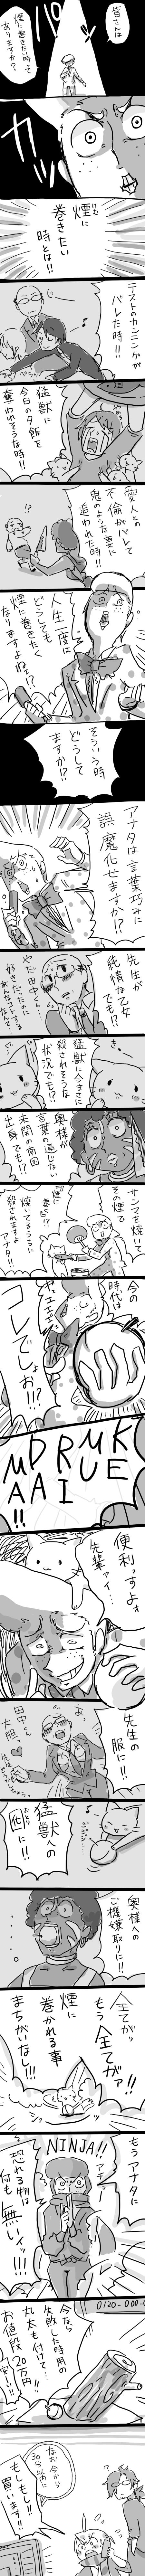 121wanohannsoku_20141206134600268.png